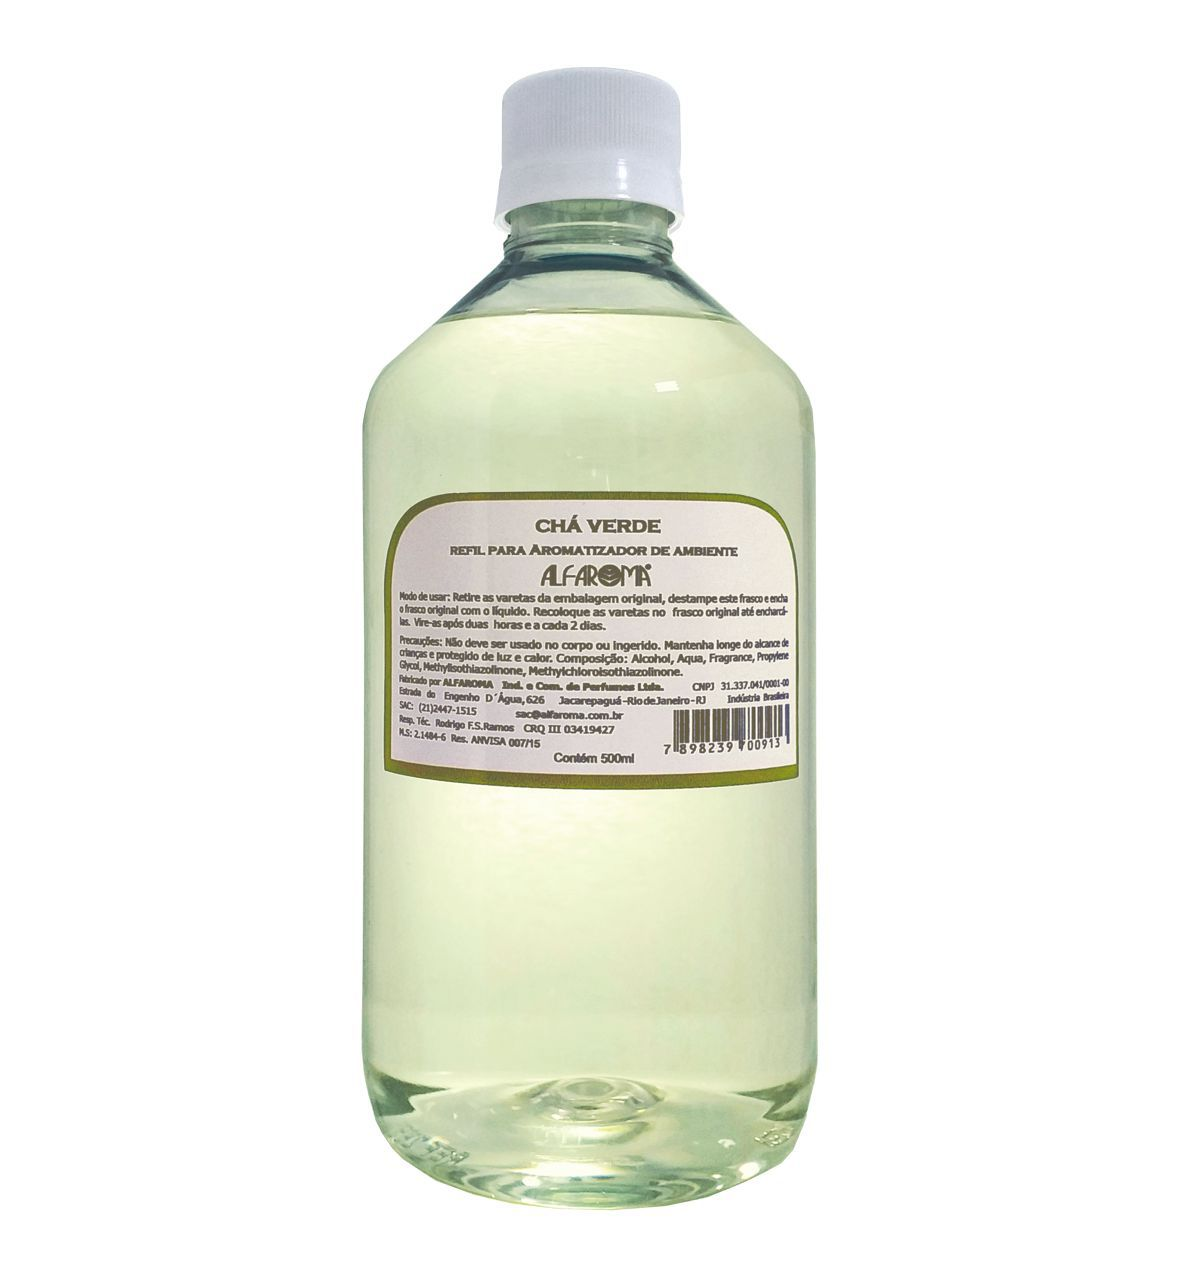 Aromatizador para Ambiente Chá Verde - Alfaroma